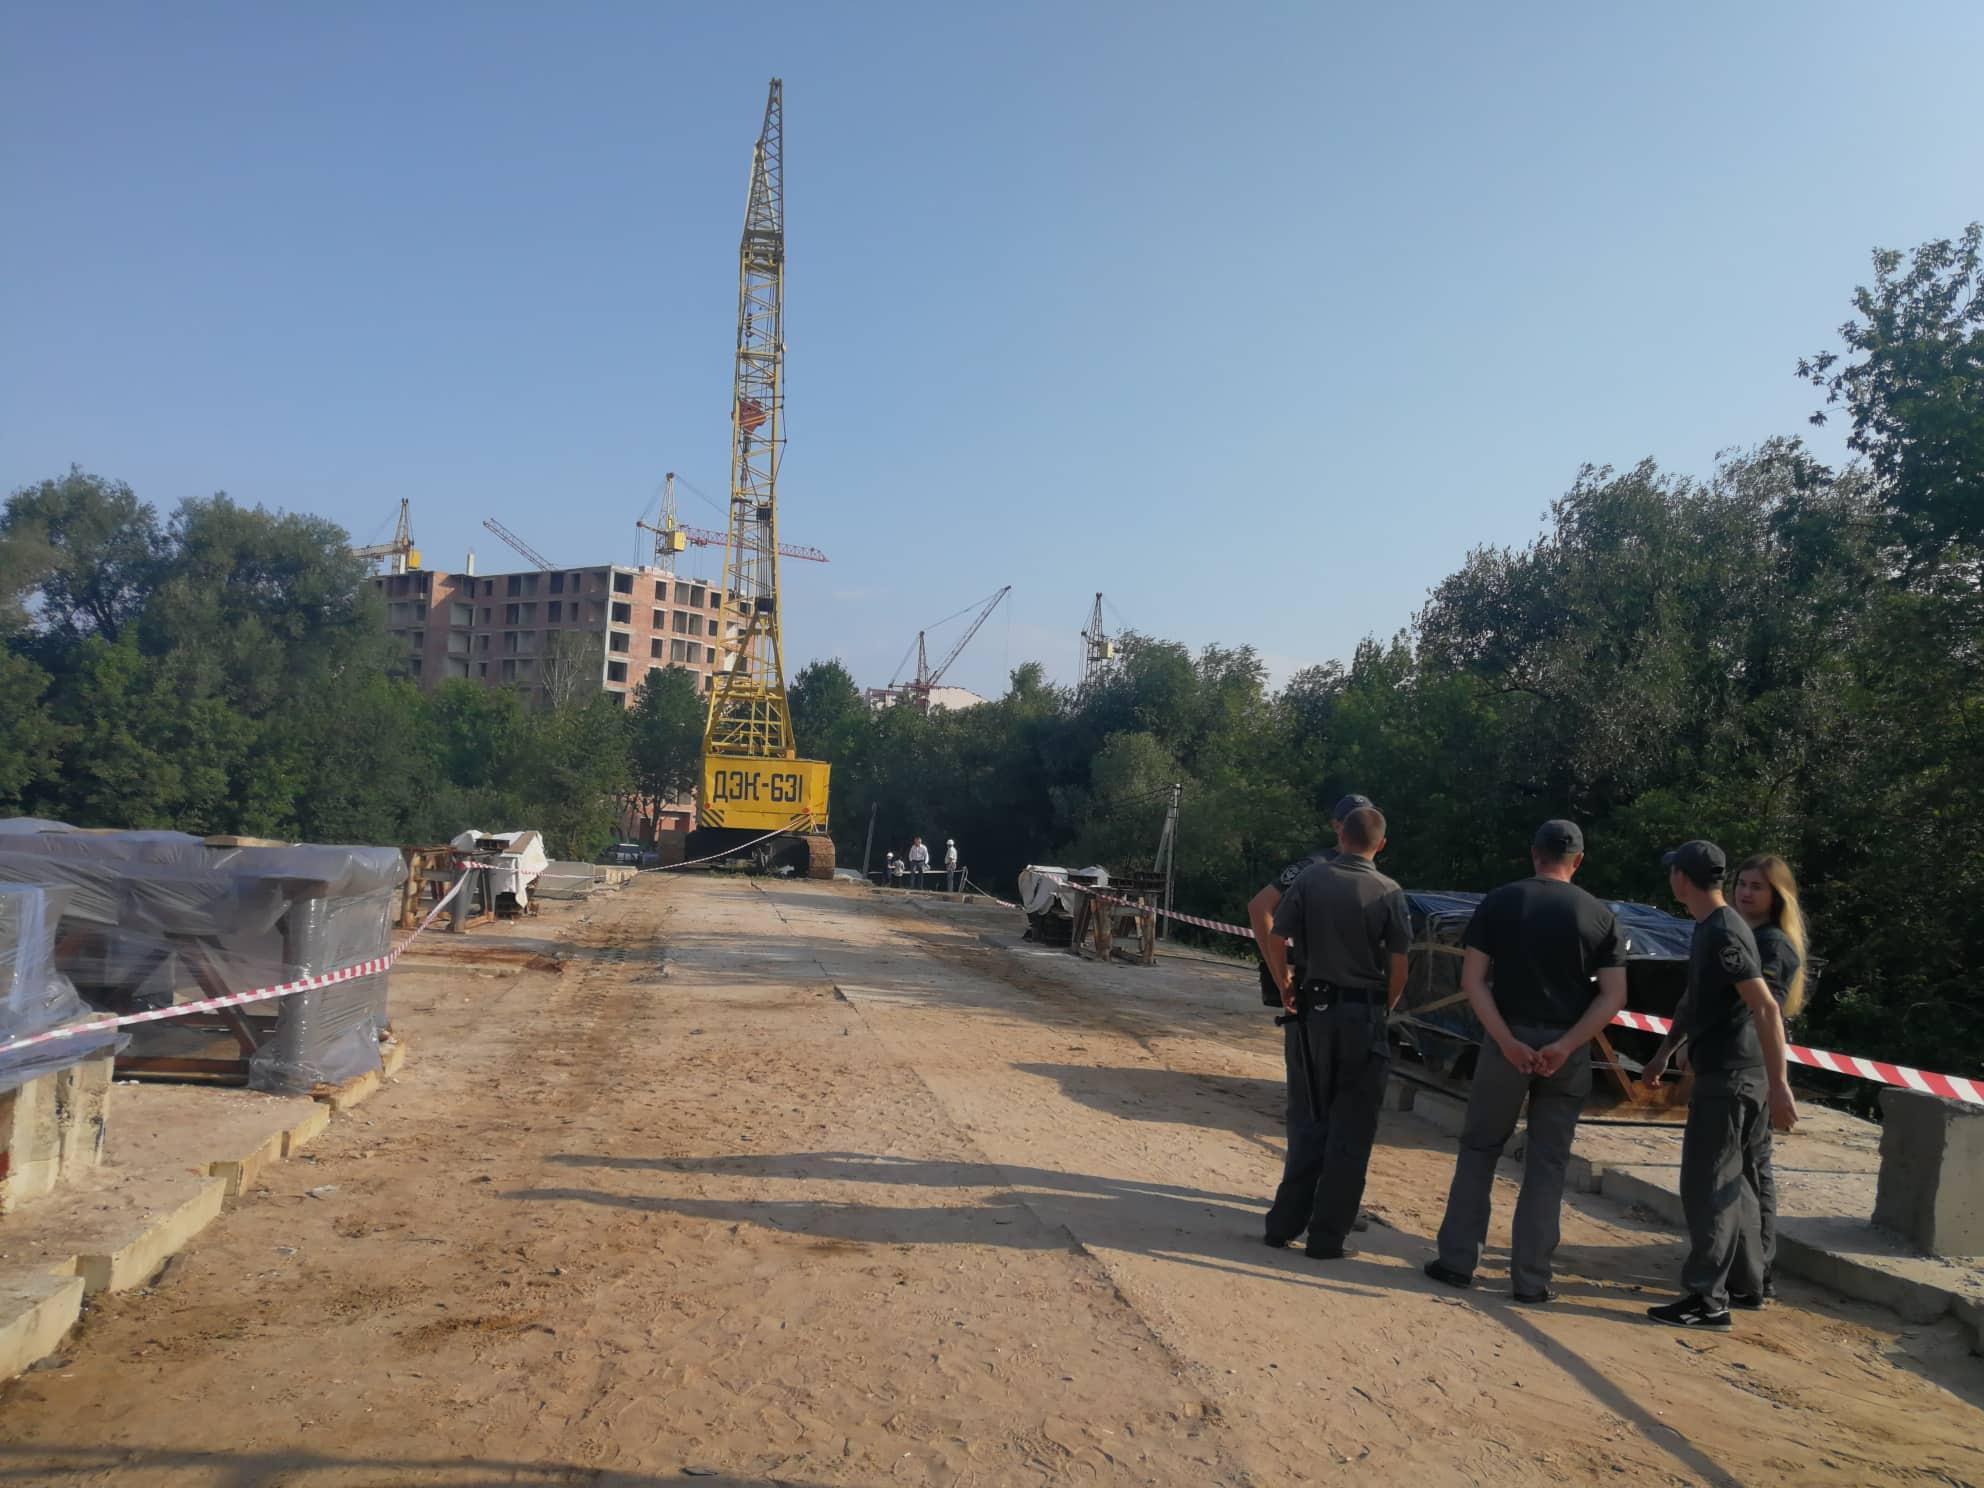 День відкритих дверей: Марцінків показав, як будується новий міст на Пасічну 2